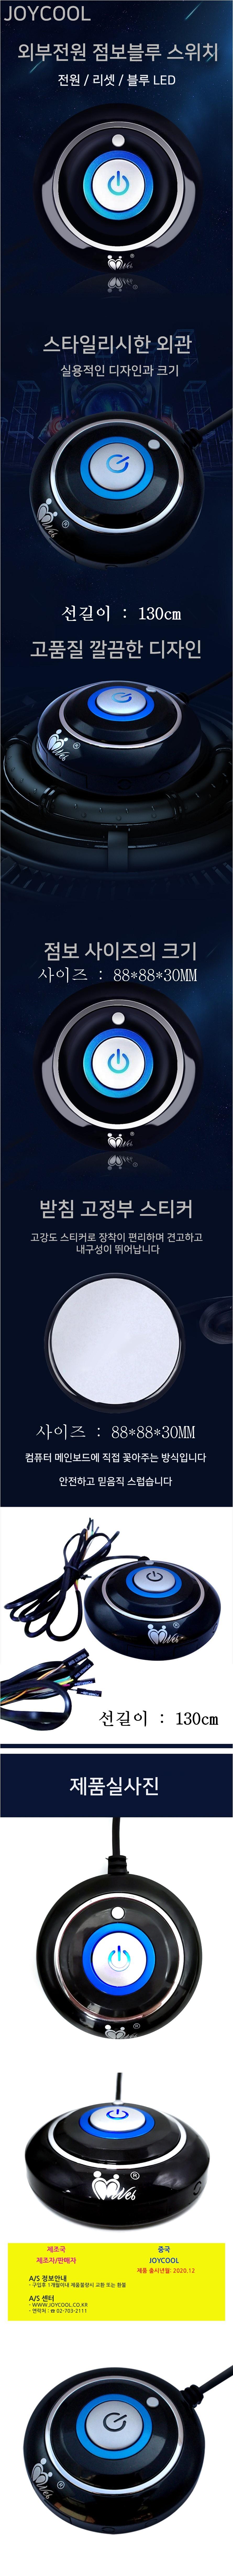 조이쿨 조이쿨 외부전원 점보블루 스위치 (1.3m)